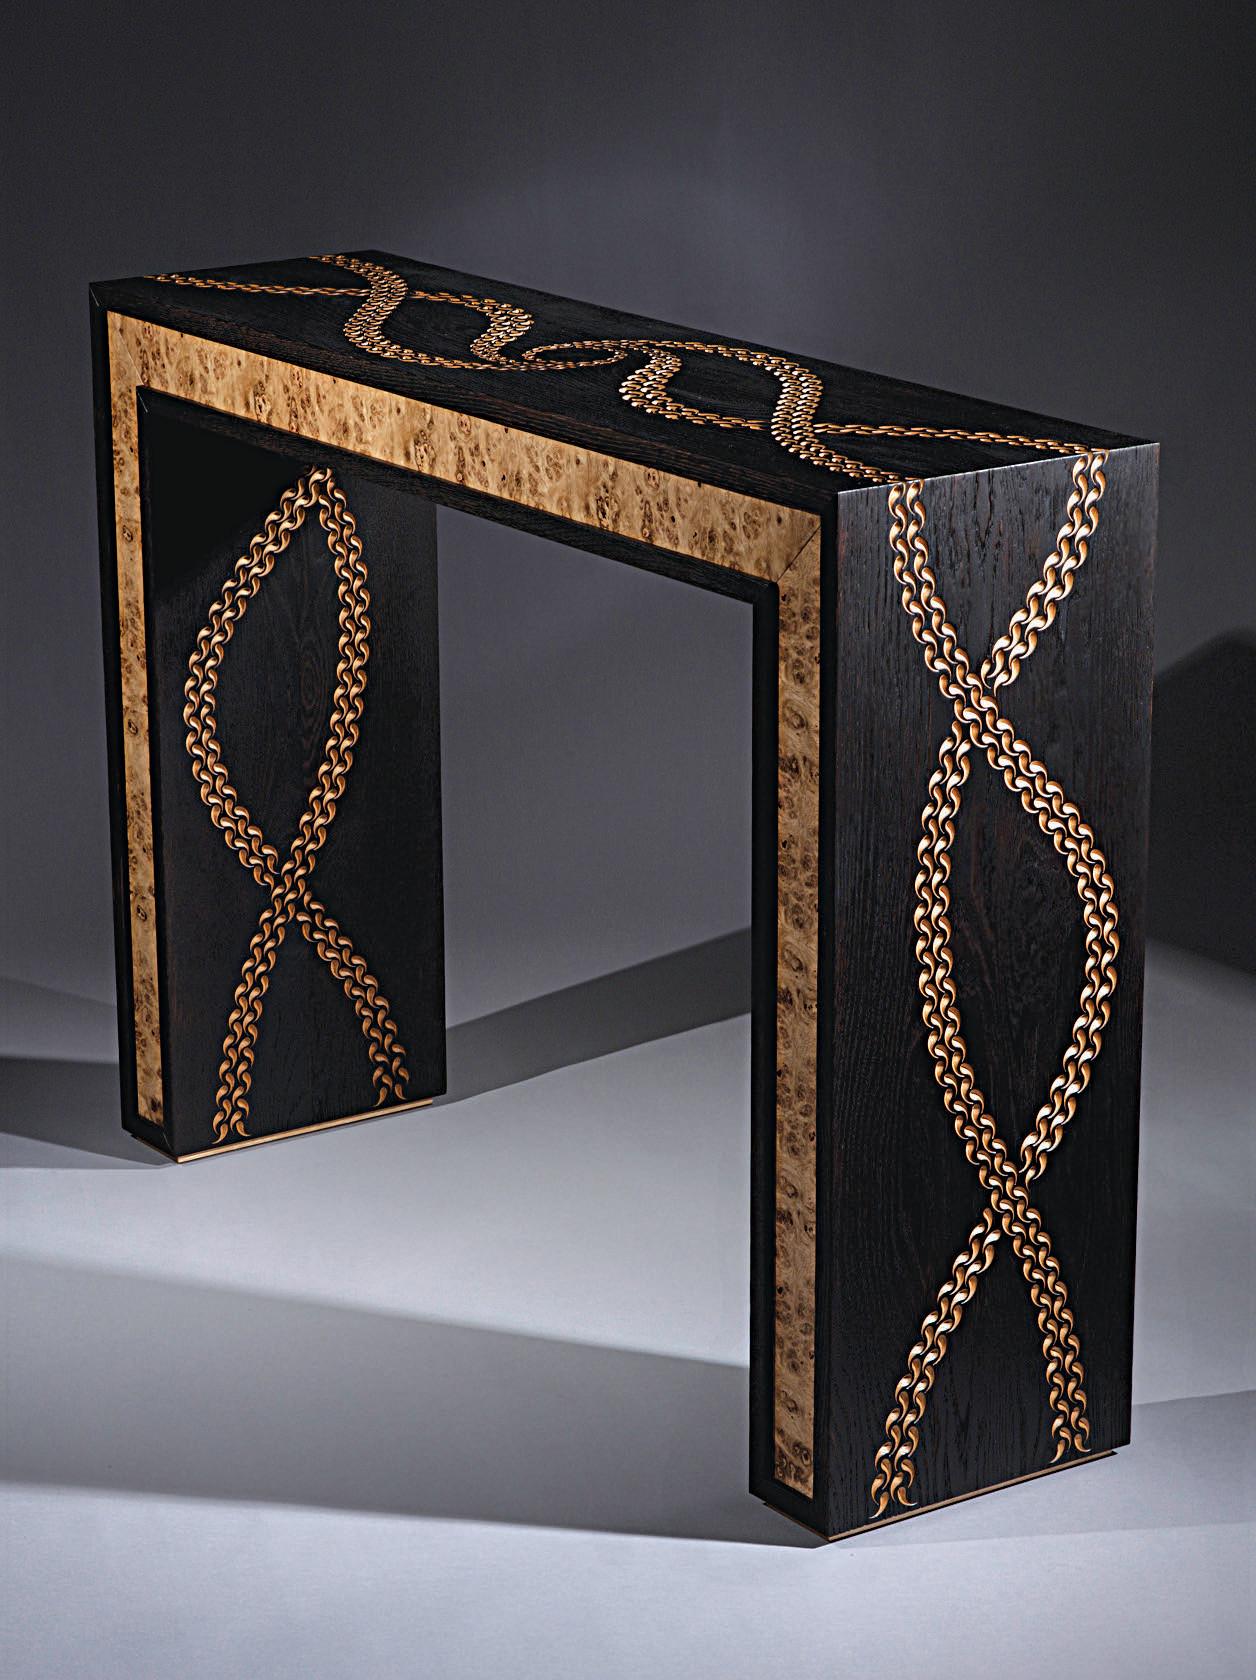 D corer un meuble avec les techniques du bois br l et de la sculpture l 39 atelier bois - Technique pour vieillir un meuble ...